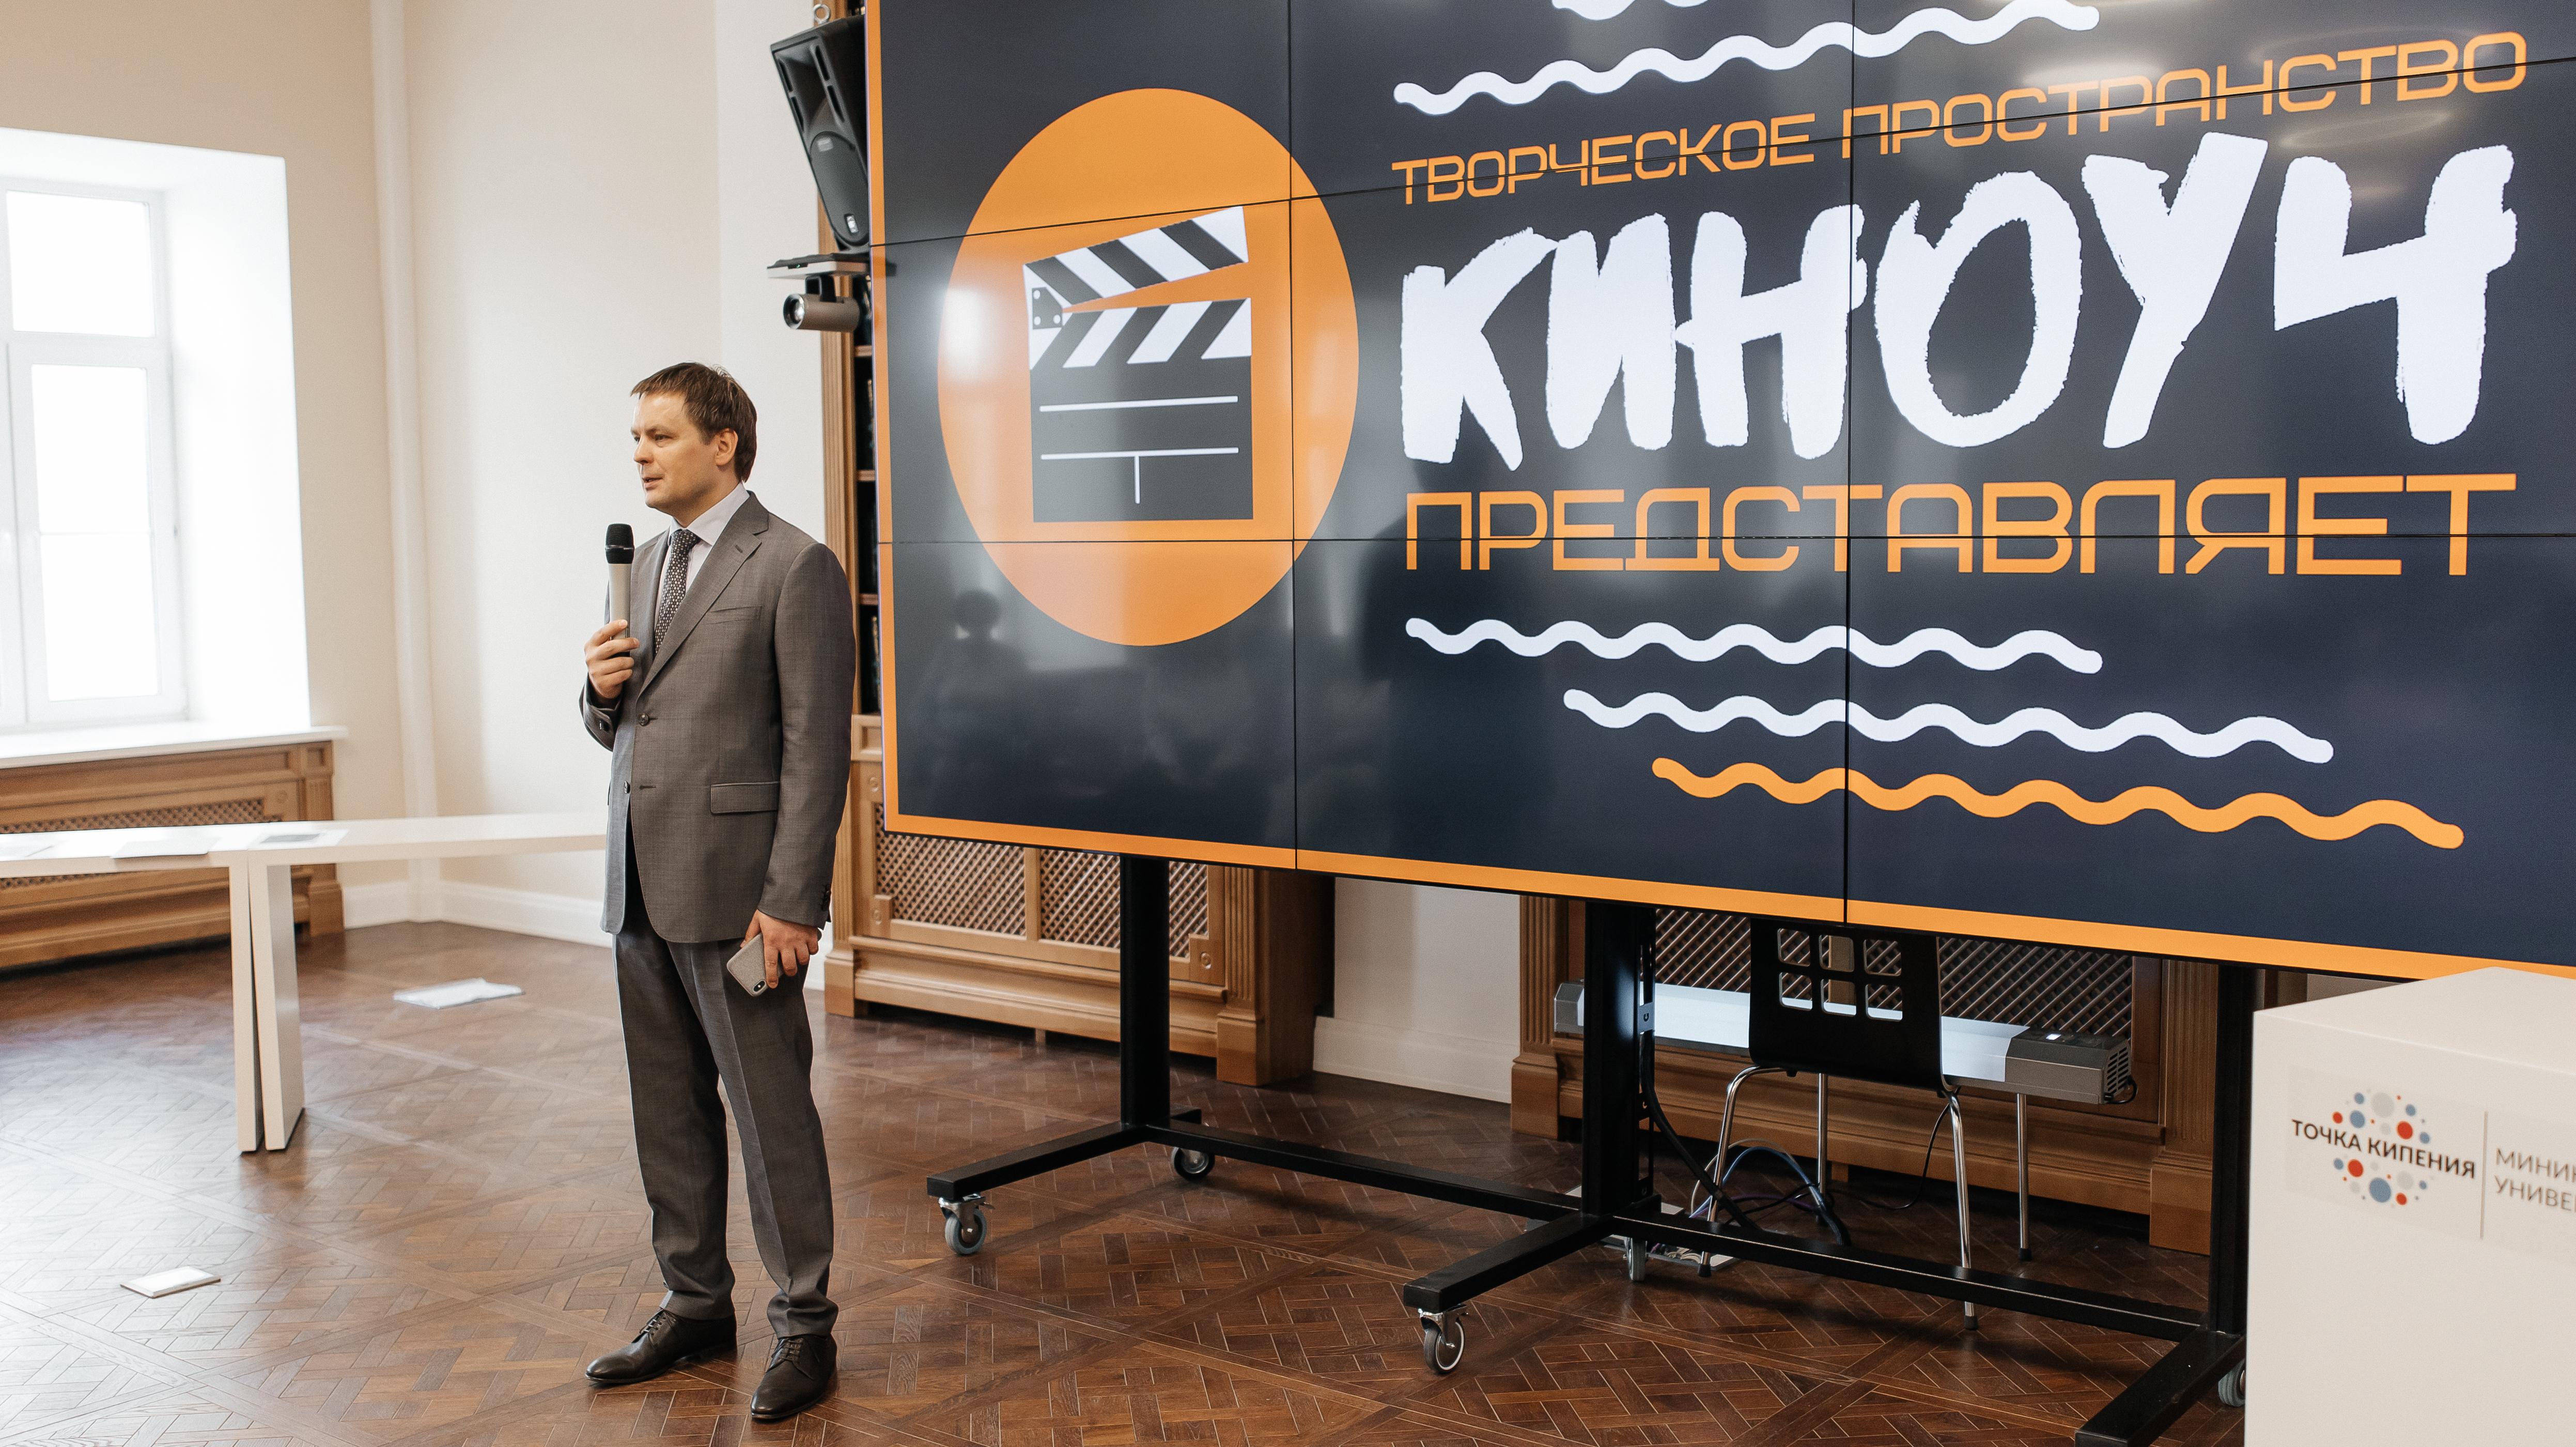 Открытие киноклуба «Киноуч»